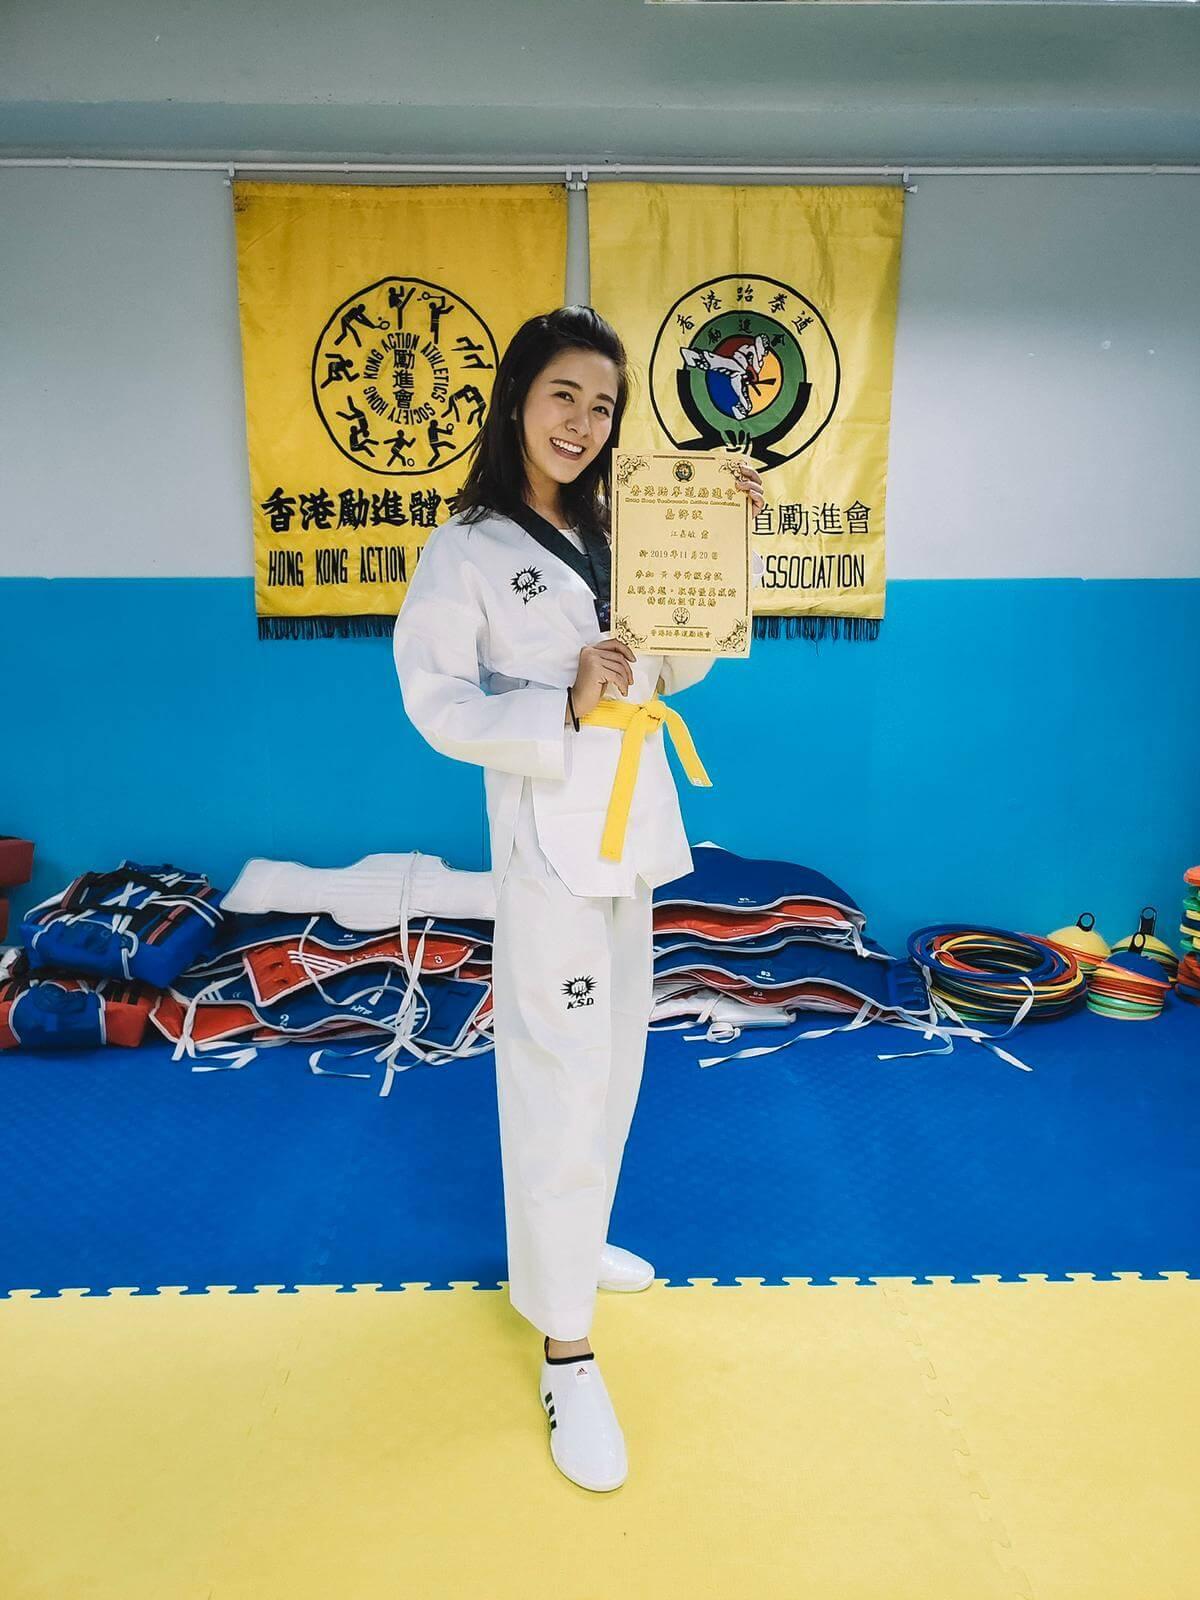 江嘉敏學了一個多月跆拳道已考獲黃帶。